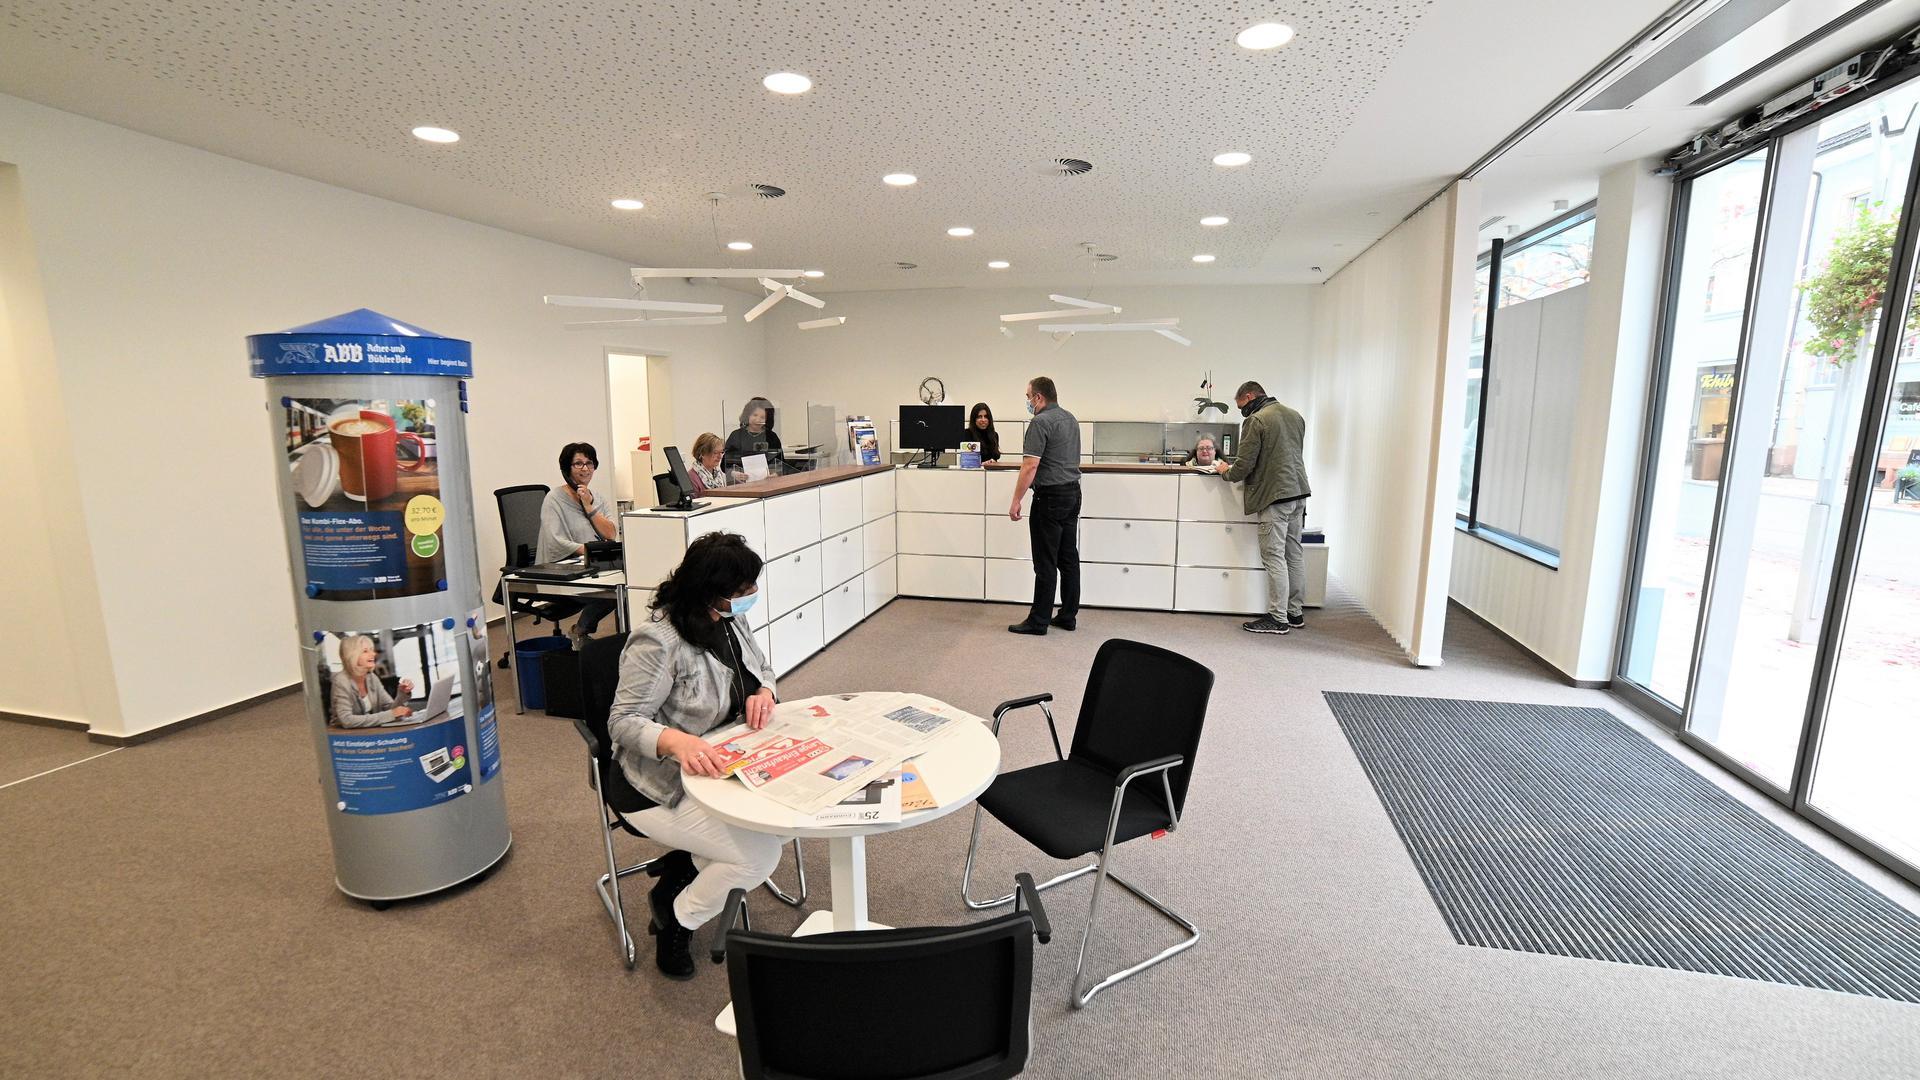 Lichtdurchflutet: Die neue Geschäftsstelle des Acher- und Bühler Boten mit der Adresse Hauptstraße 55 wirkt einladend.